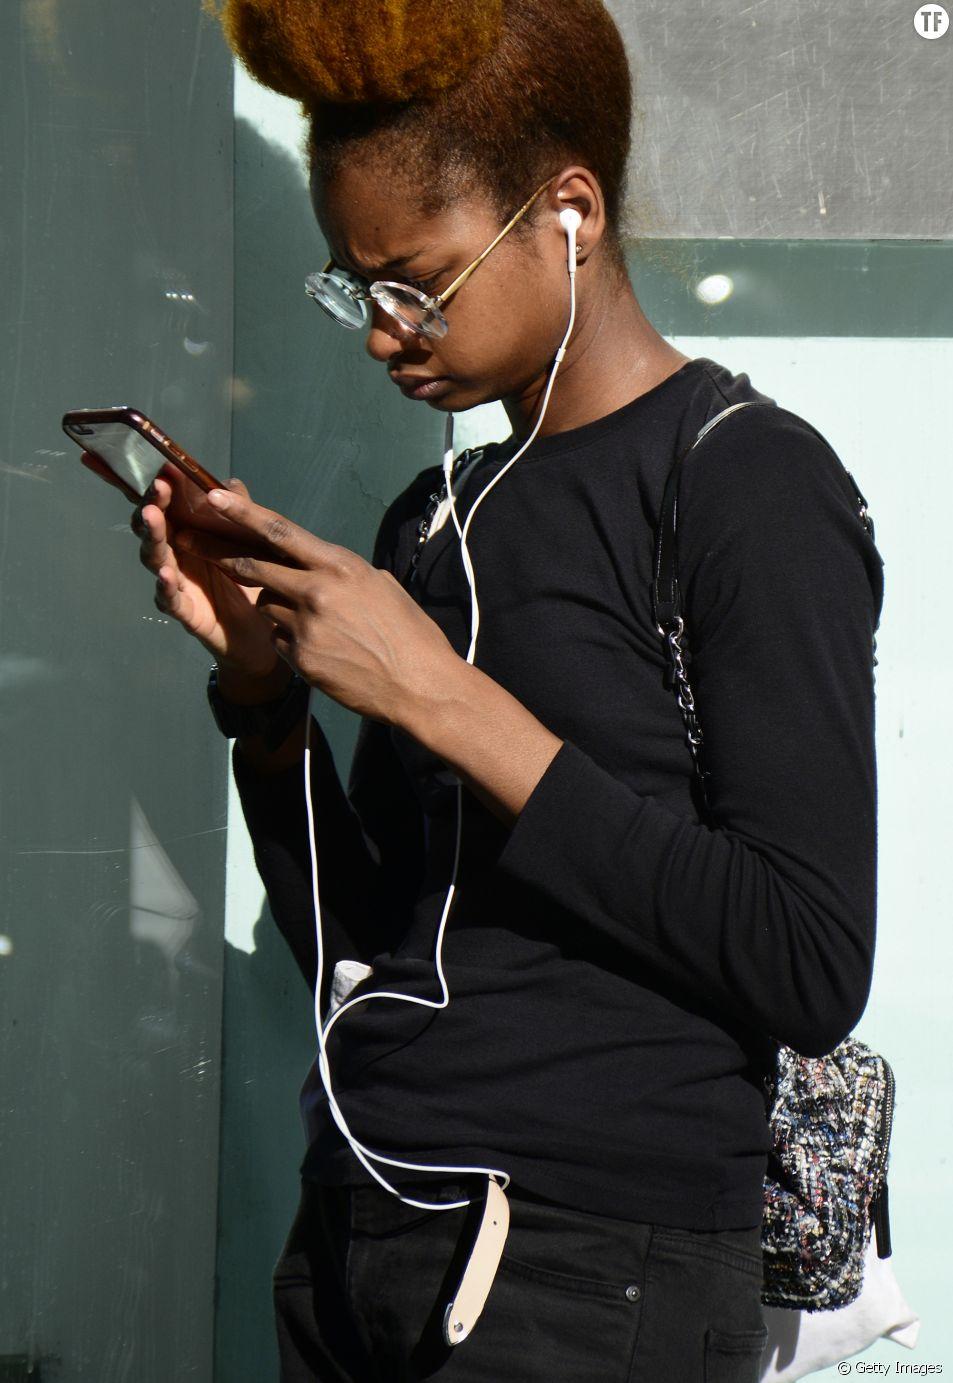 Les femmes noires ont plus de chances d'être cyber-harcelées